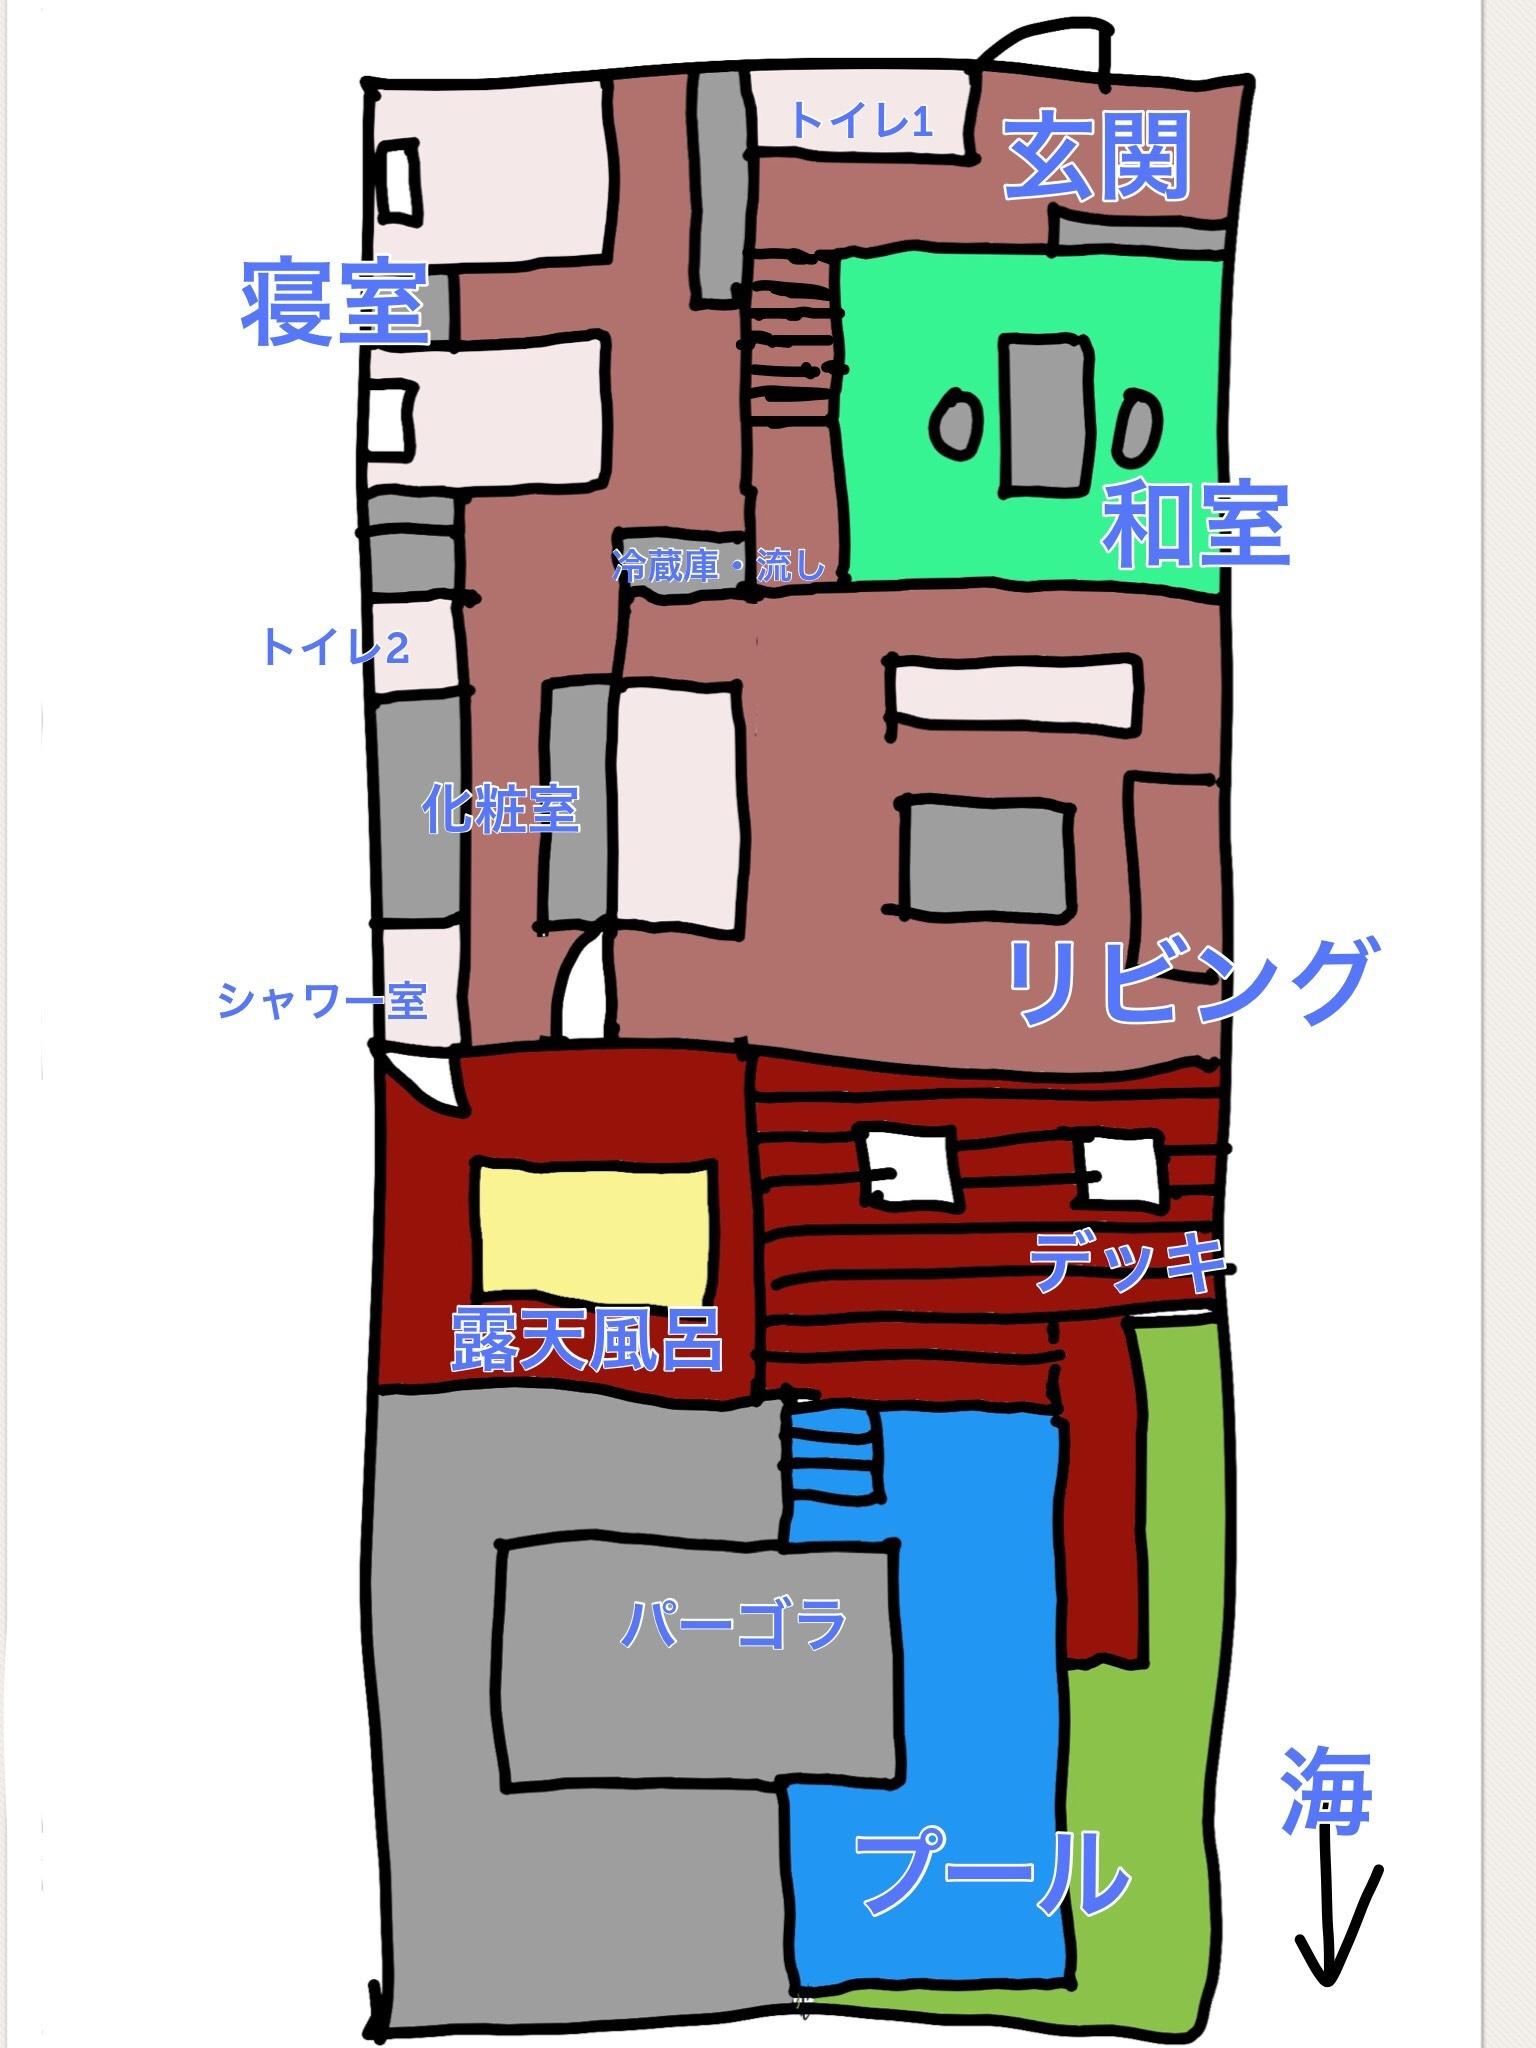 東急ハーヴェストVIALA熱海伊豆山 プライベートプール付きシグネチャースゥィート 見取り図 平面図